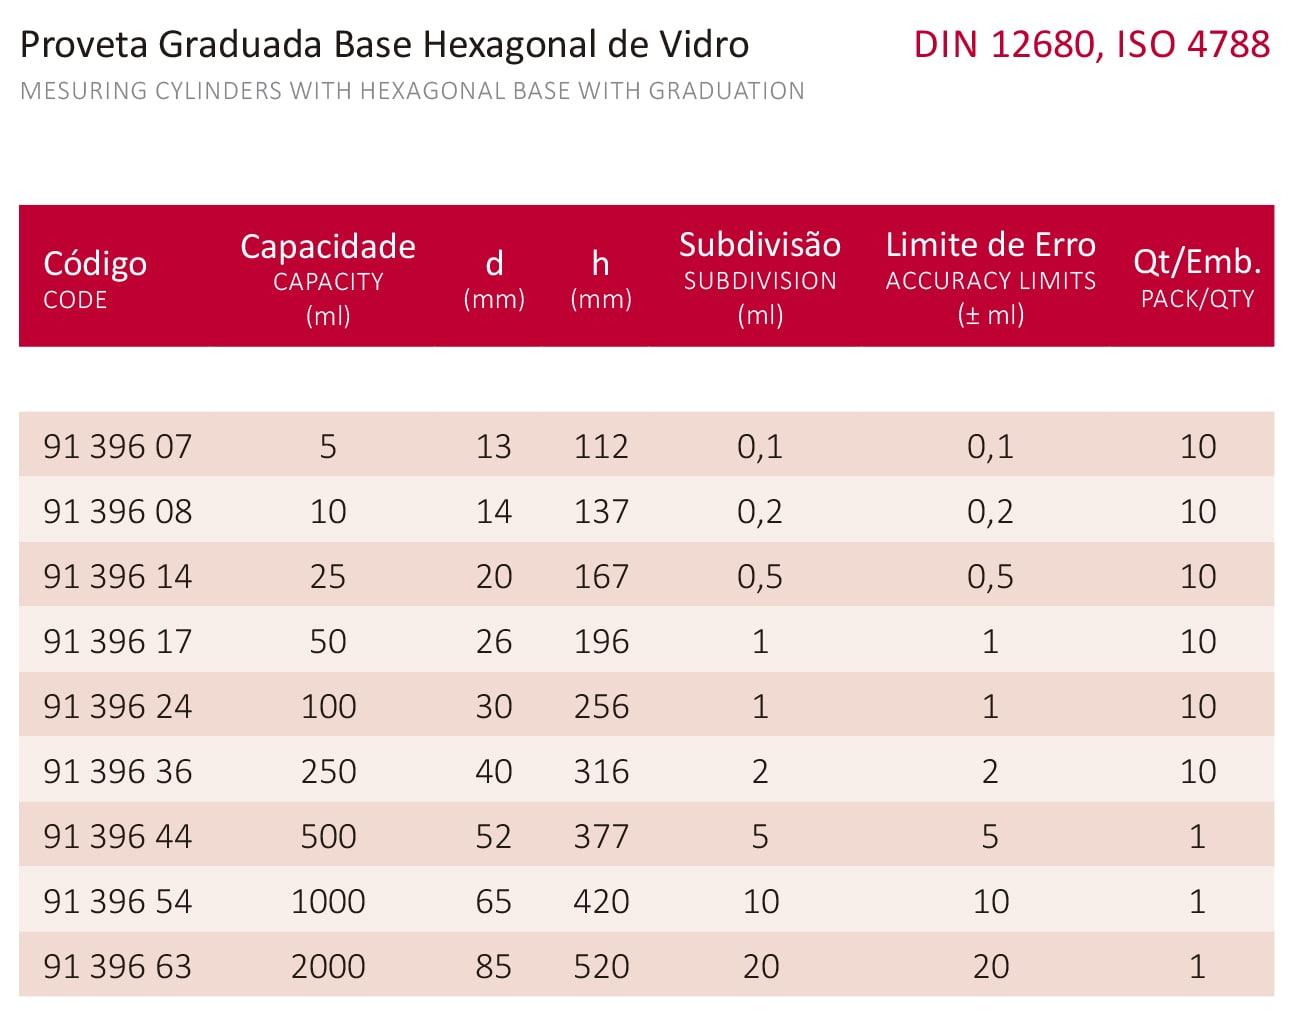 PROVETA GRADUADA BASE HEXAGONAL DE VIDRO 1000 ML CERTIFICADO RBC - Laborglas - Cód. 9139654-R